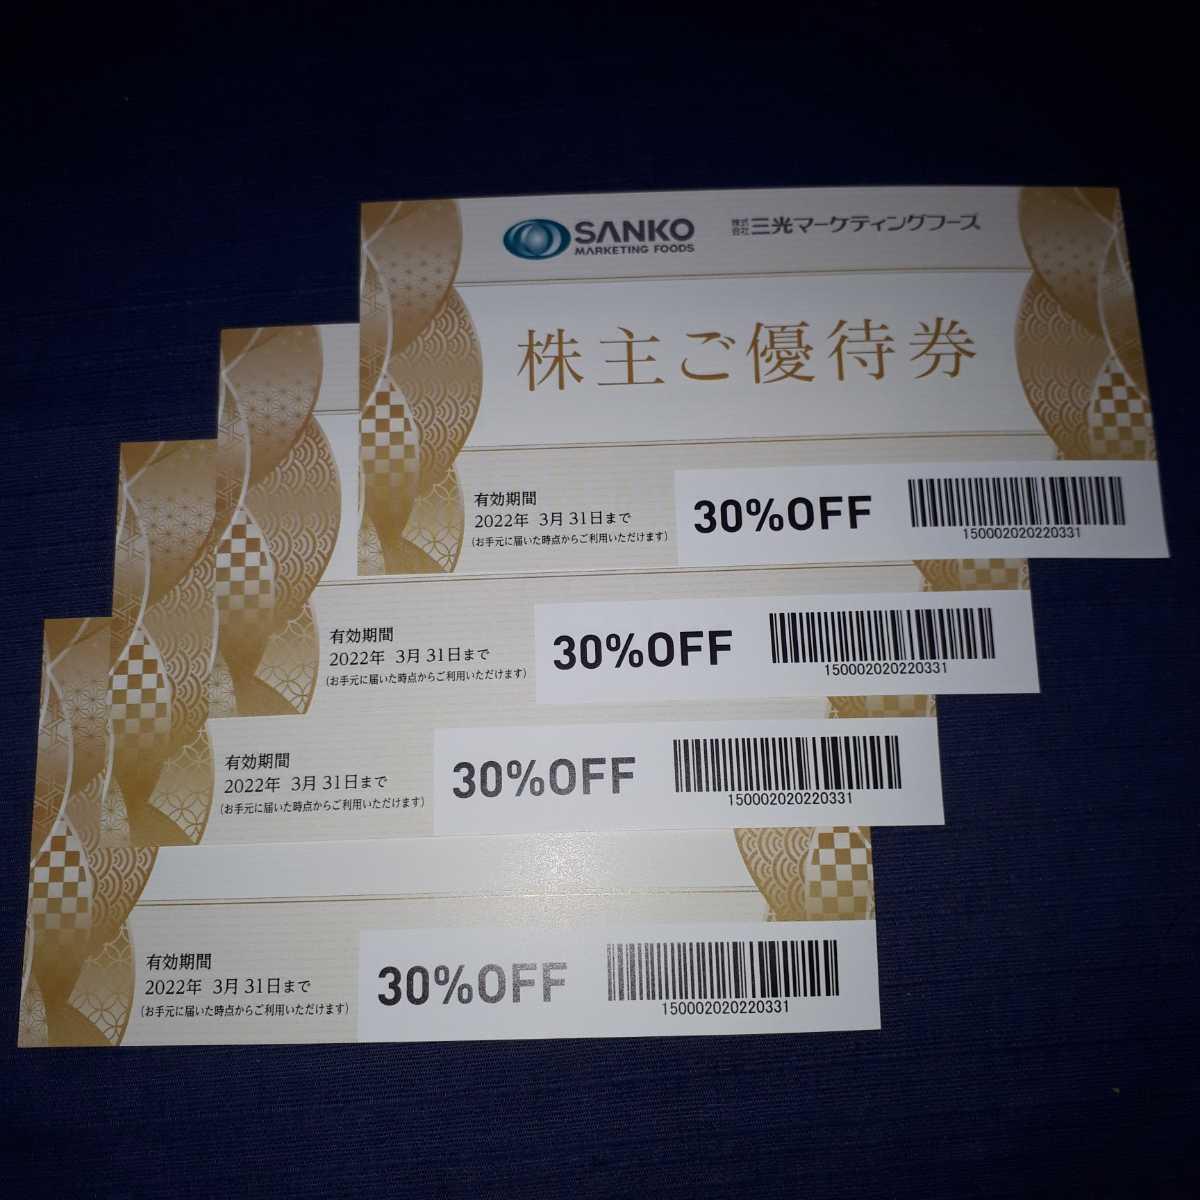 三光マーケティングフーズ株主ご優待券 4枚有効期限2022年3月31日 送料63円 C_画像1